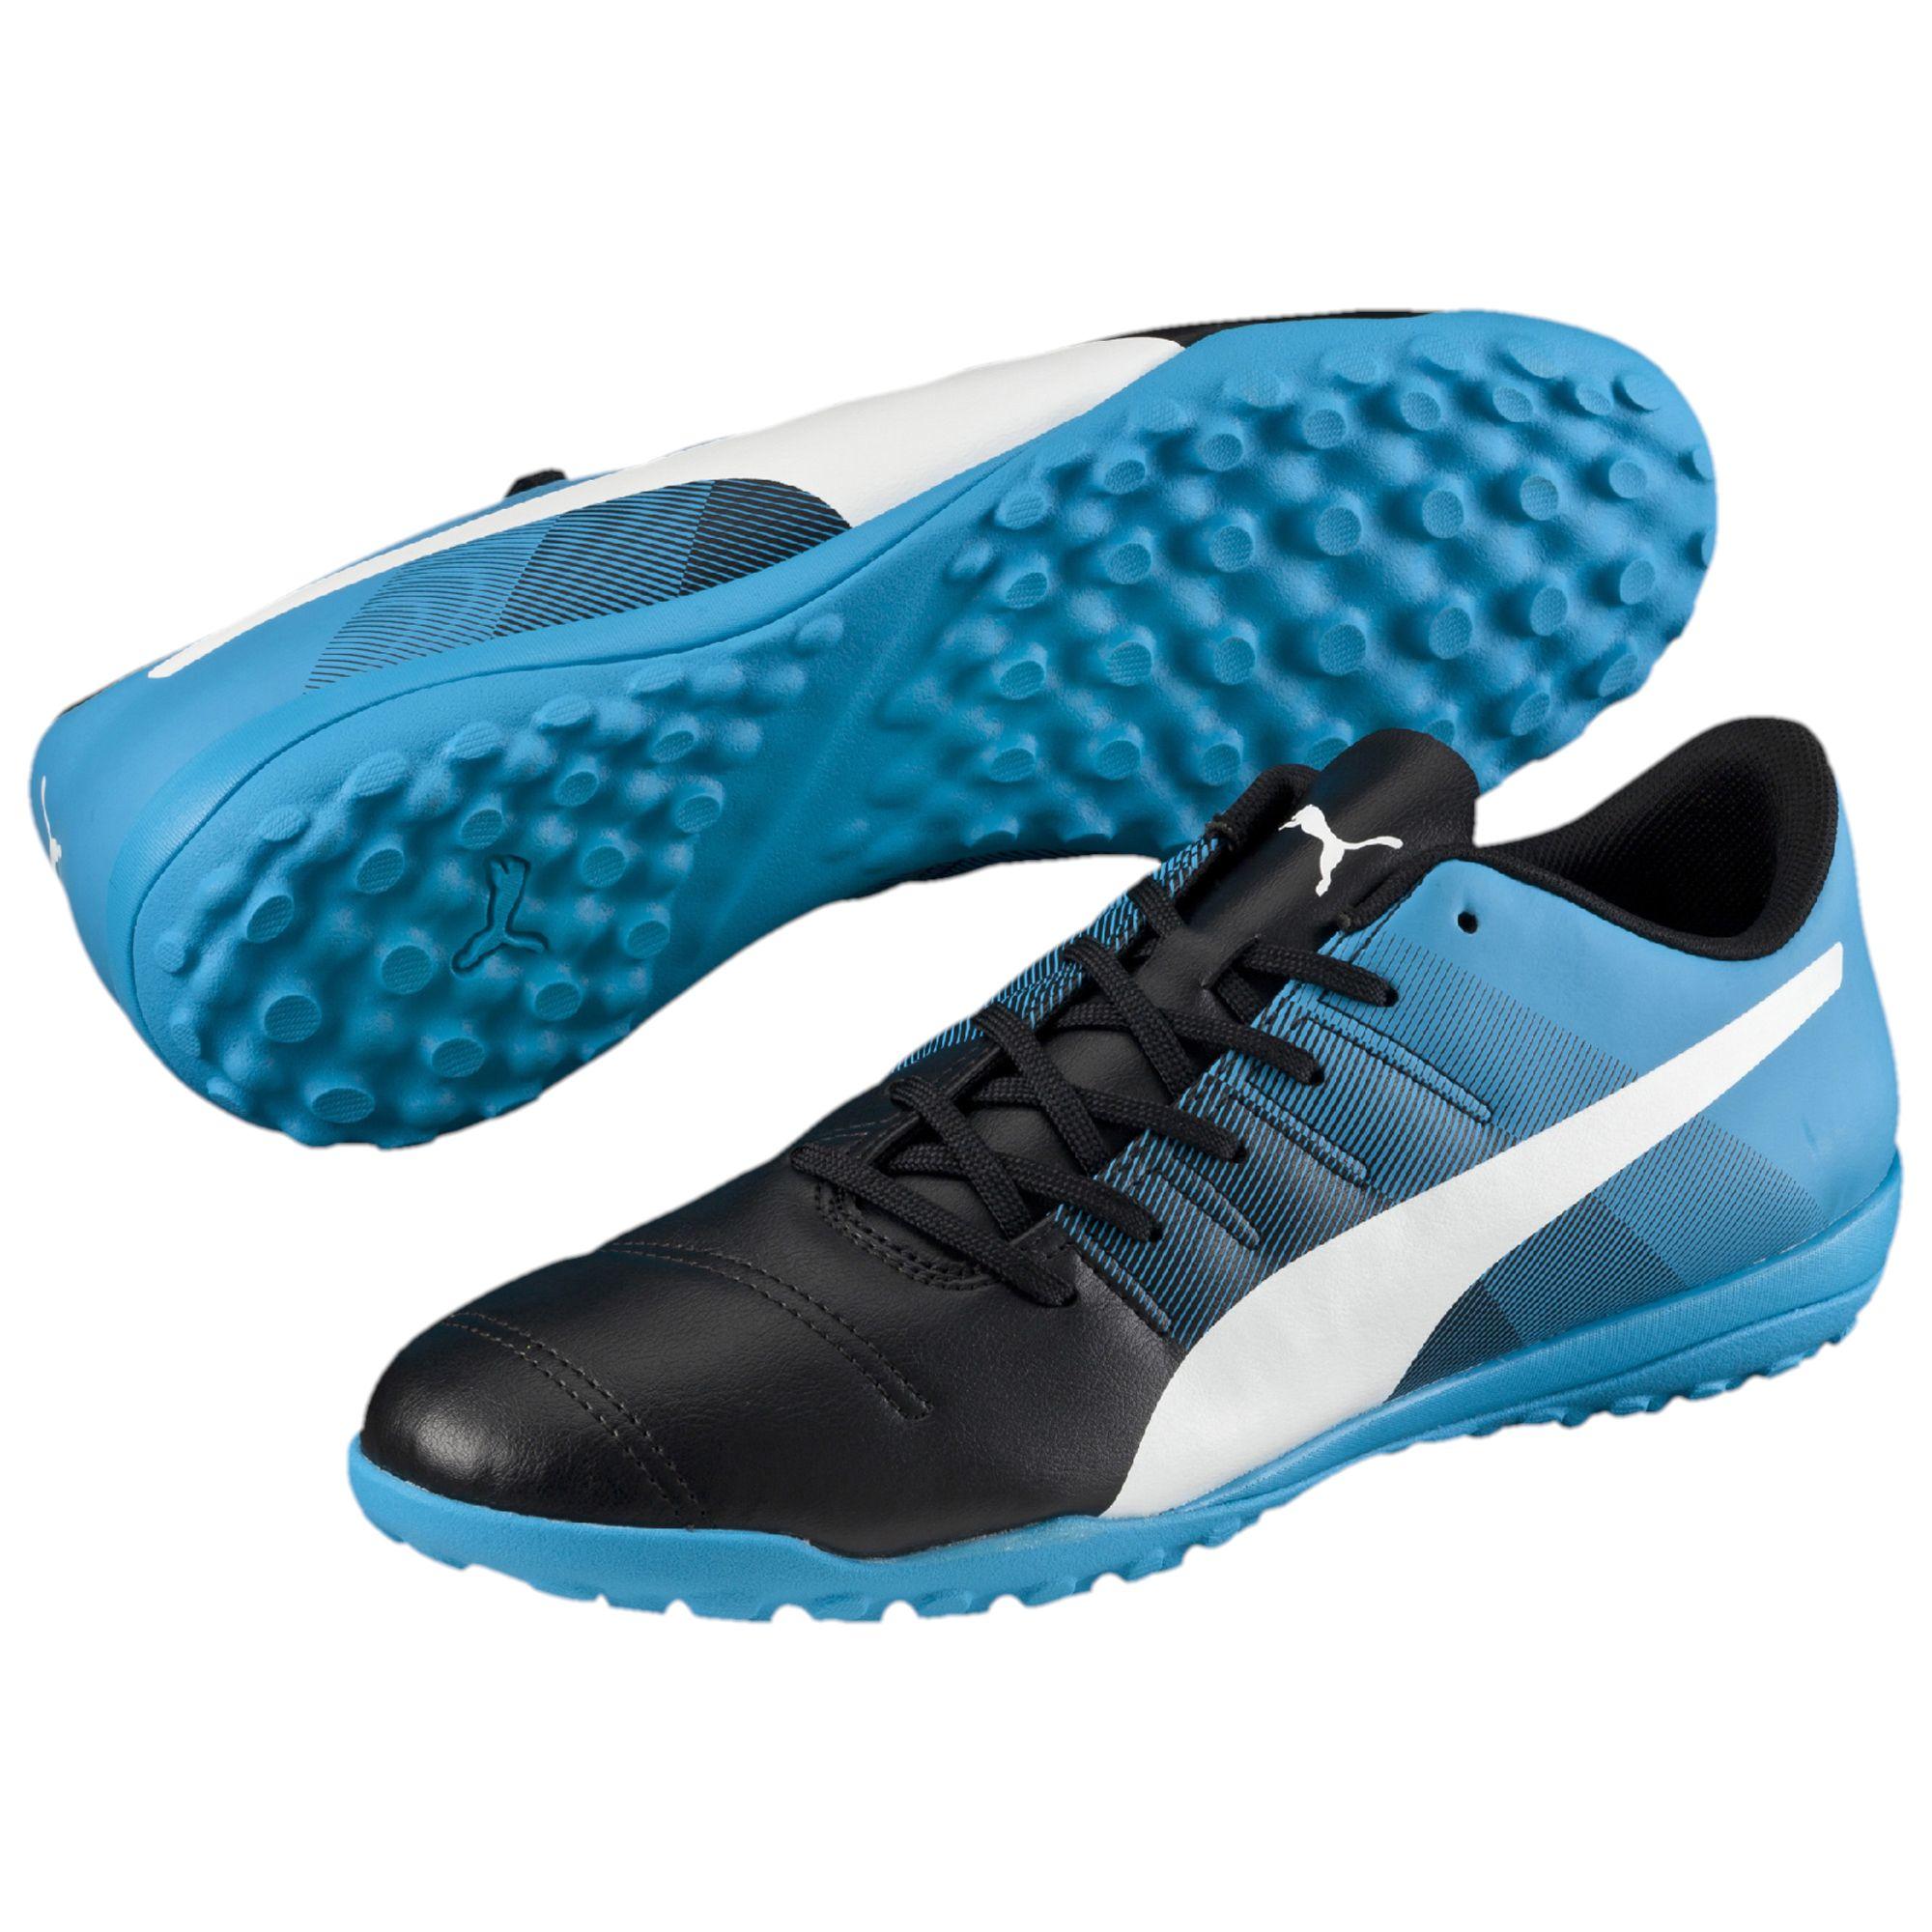 f518fe339d3e Lyst - PUMA Evopower 4.3 Men s Turf Soccer Shoes in Orange for Men